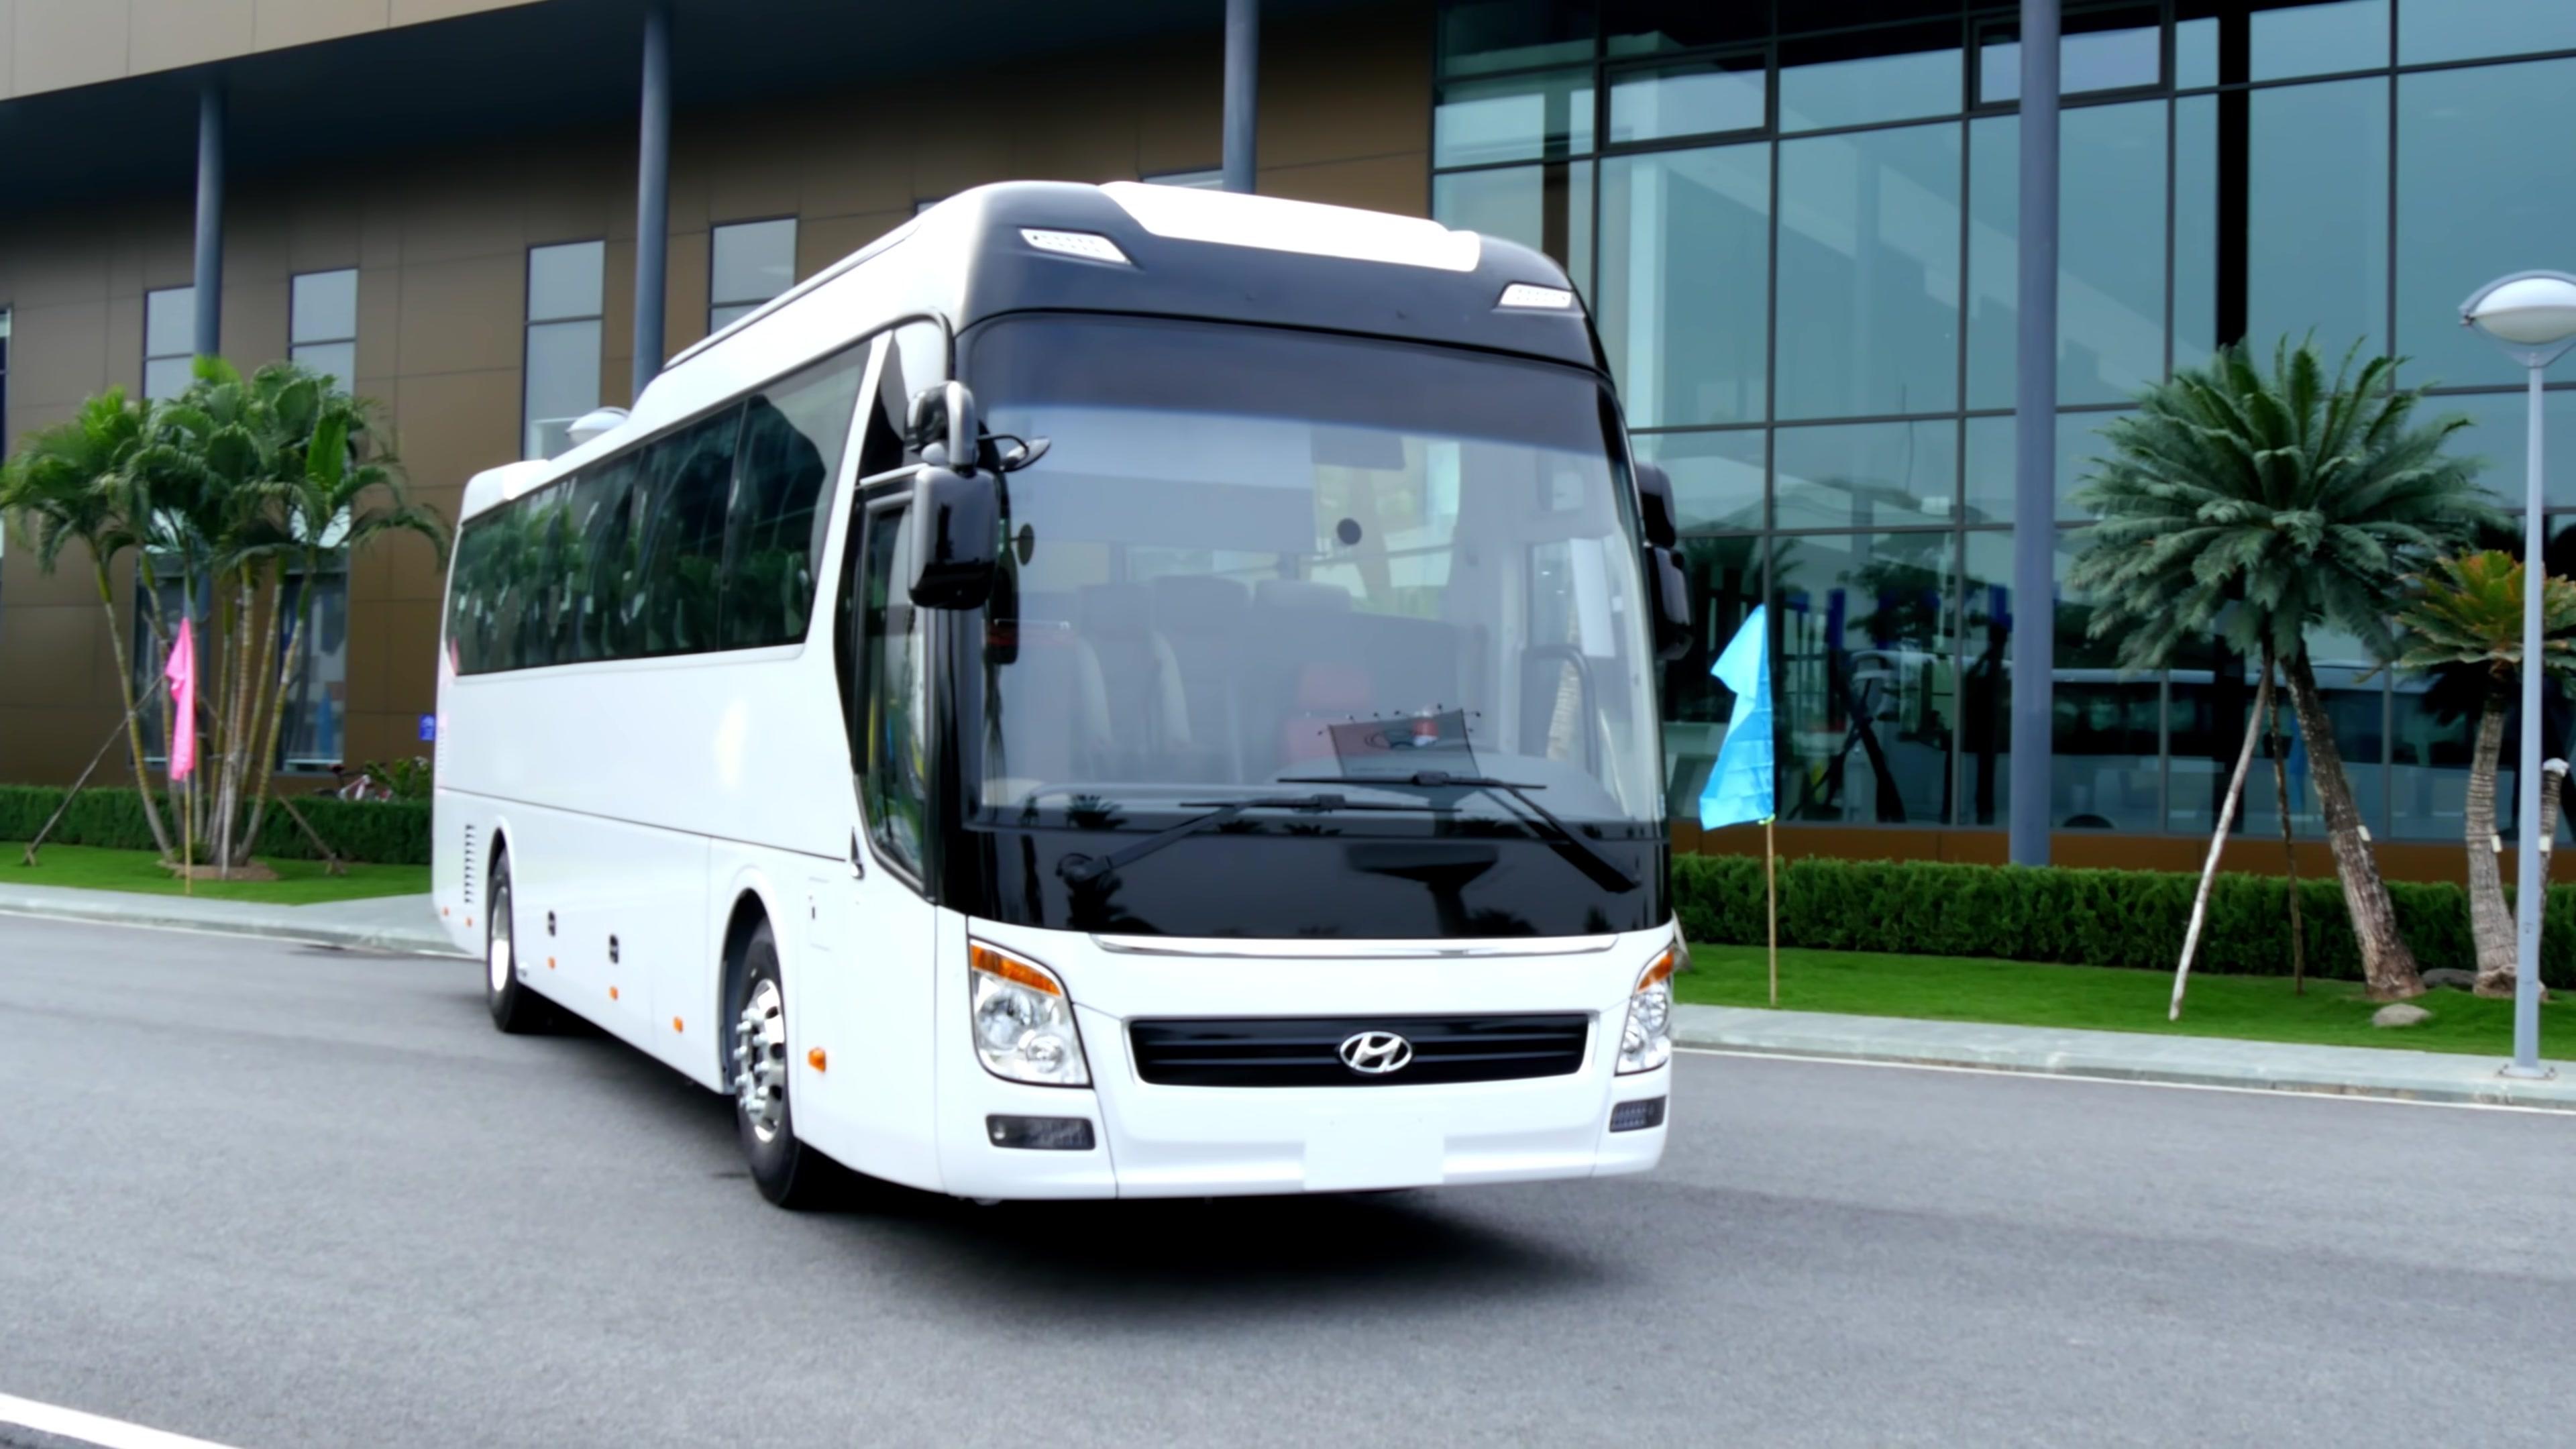 Hyundai Universe 2019, 47 chỗ đẳng cấp sang trọng, tiện nghi cao cấp